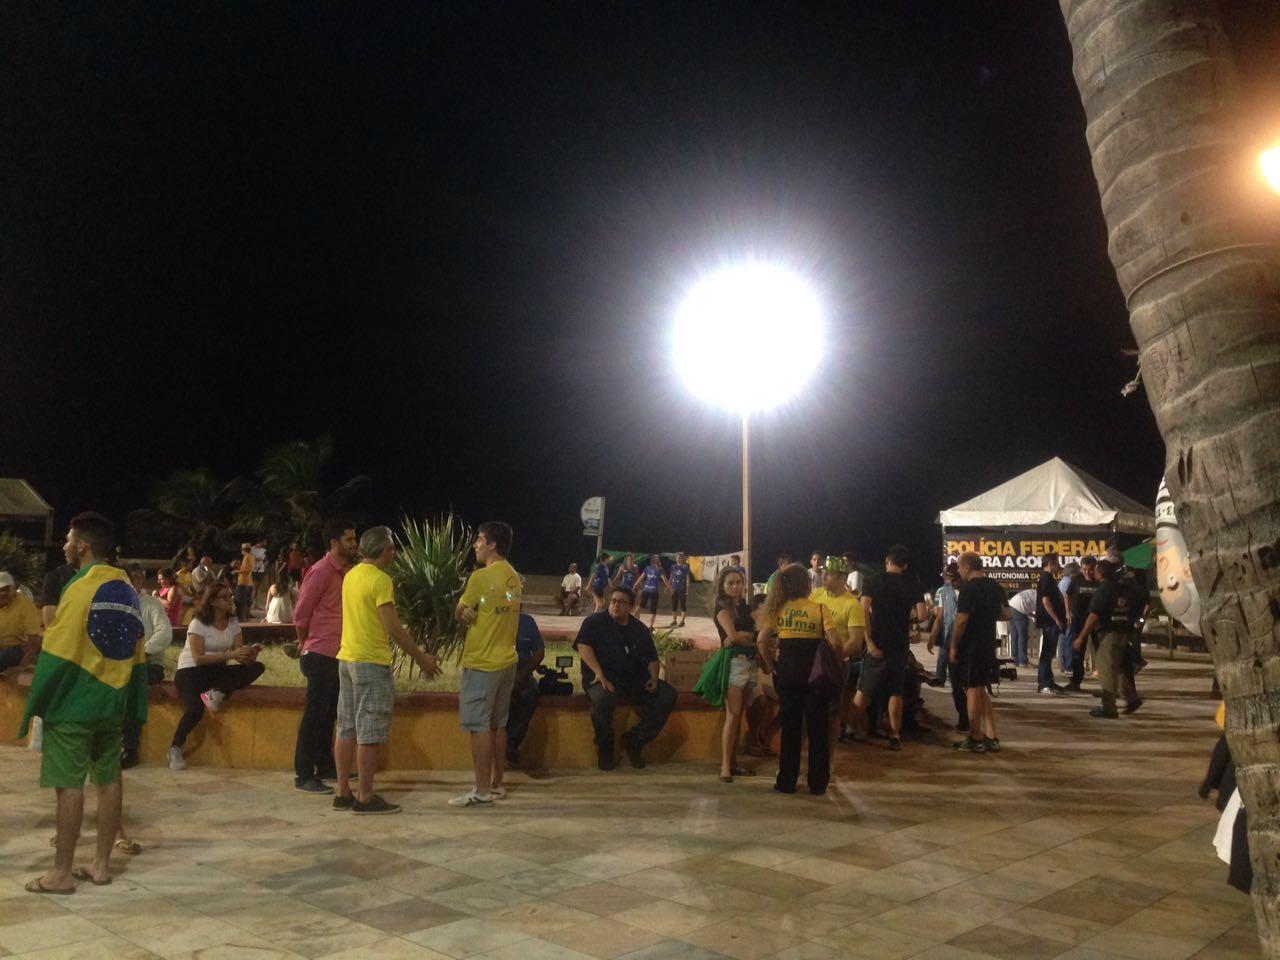 Chuva atrapalha manifestação pró-impeachment e público se dispersa antes do resultado